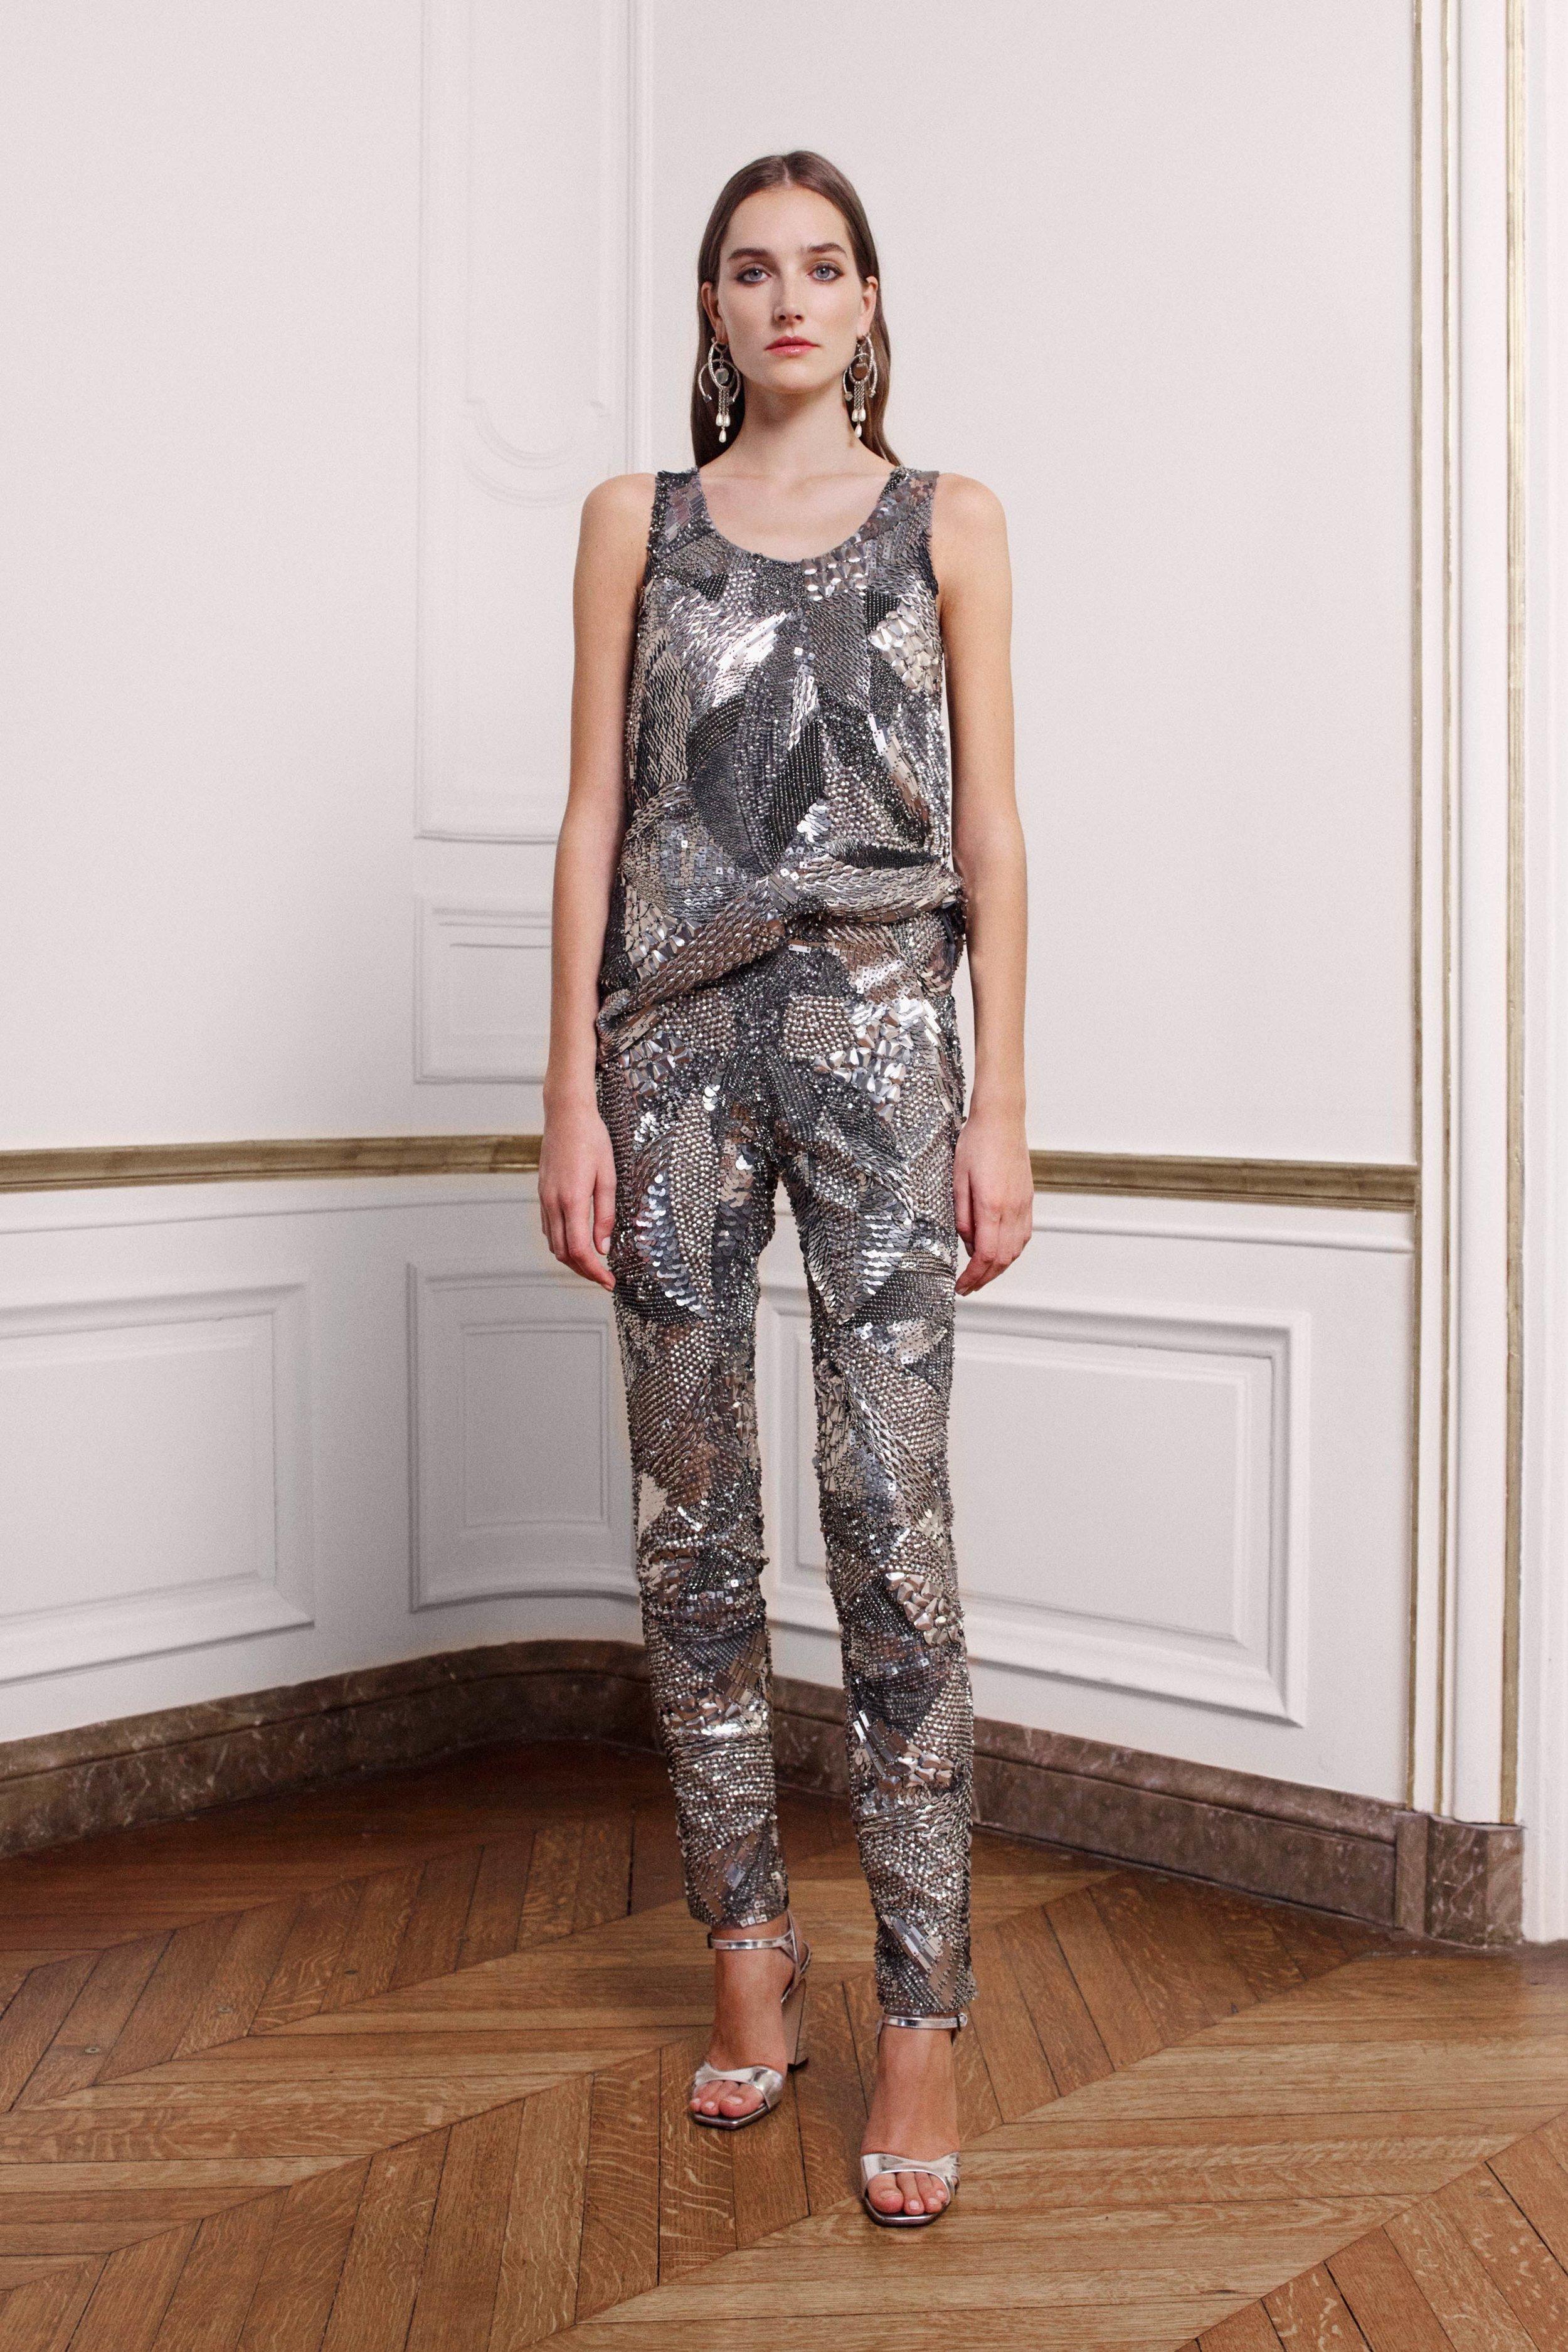 00014-alberta-ferreti-paris-couture-spring-19.jpg